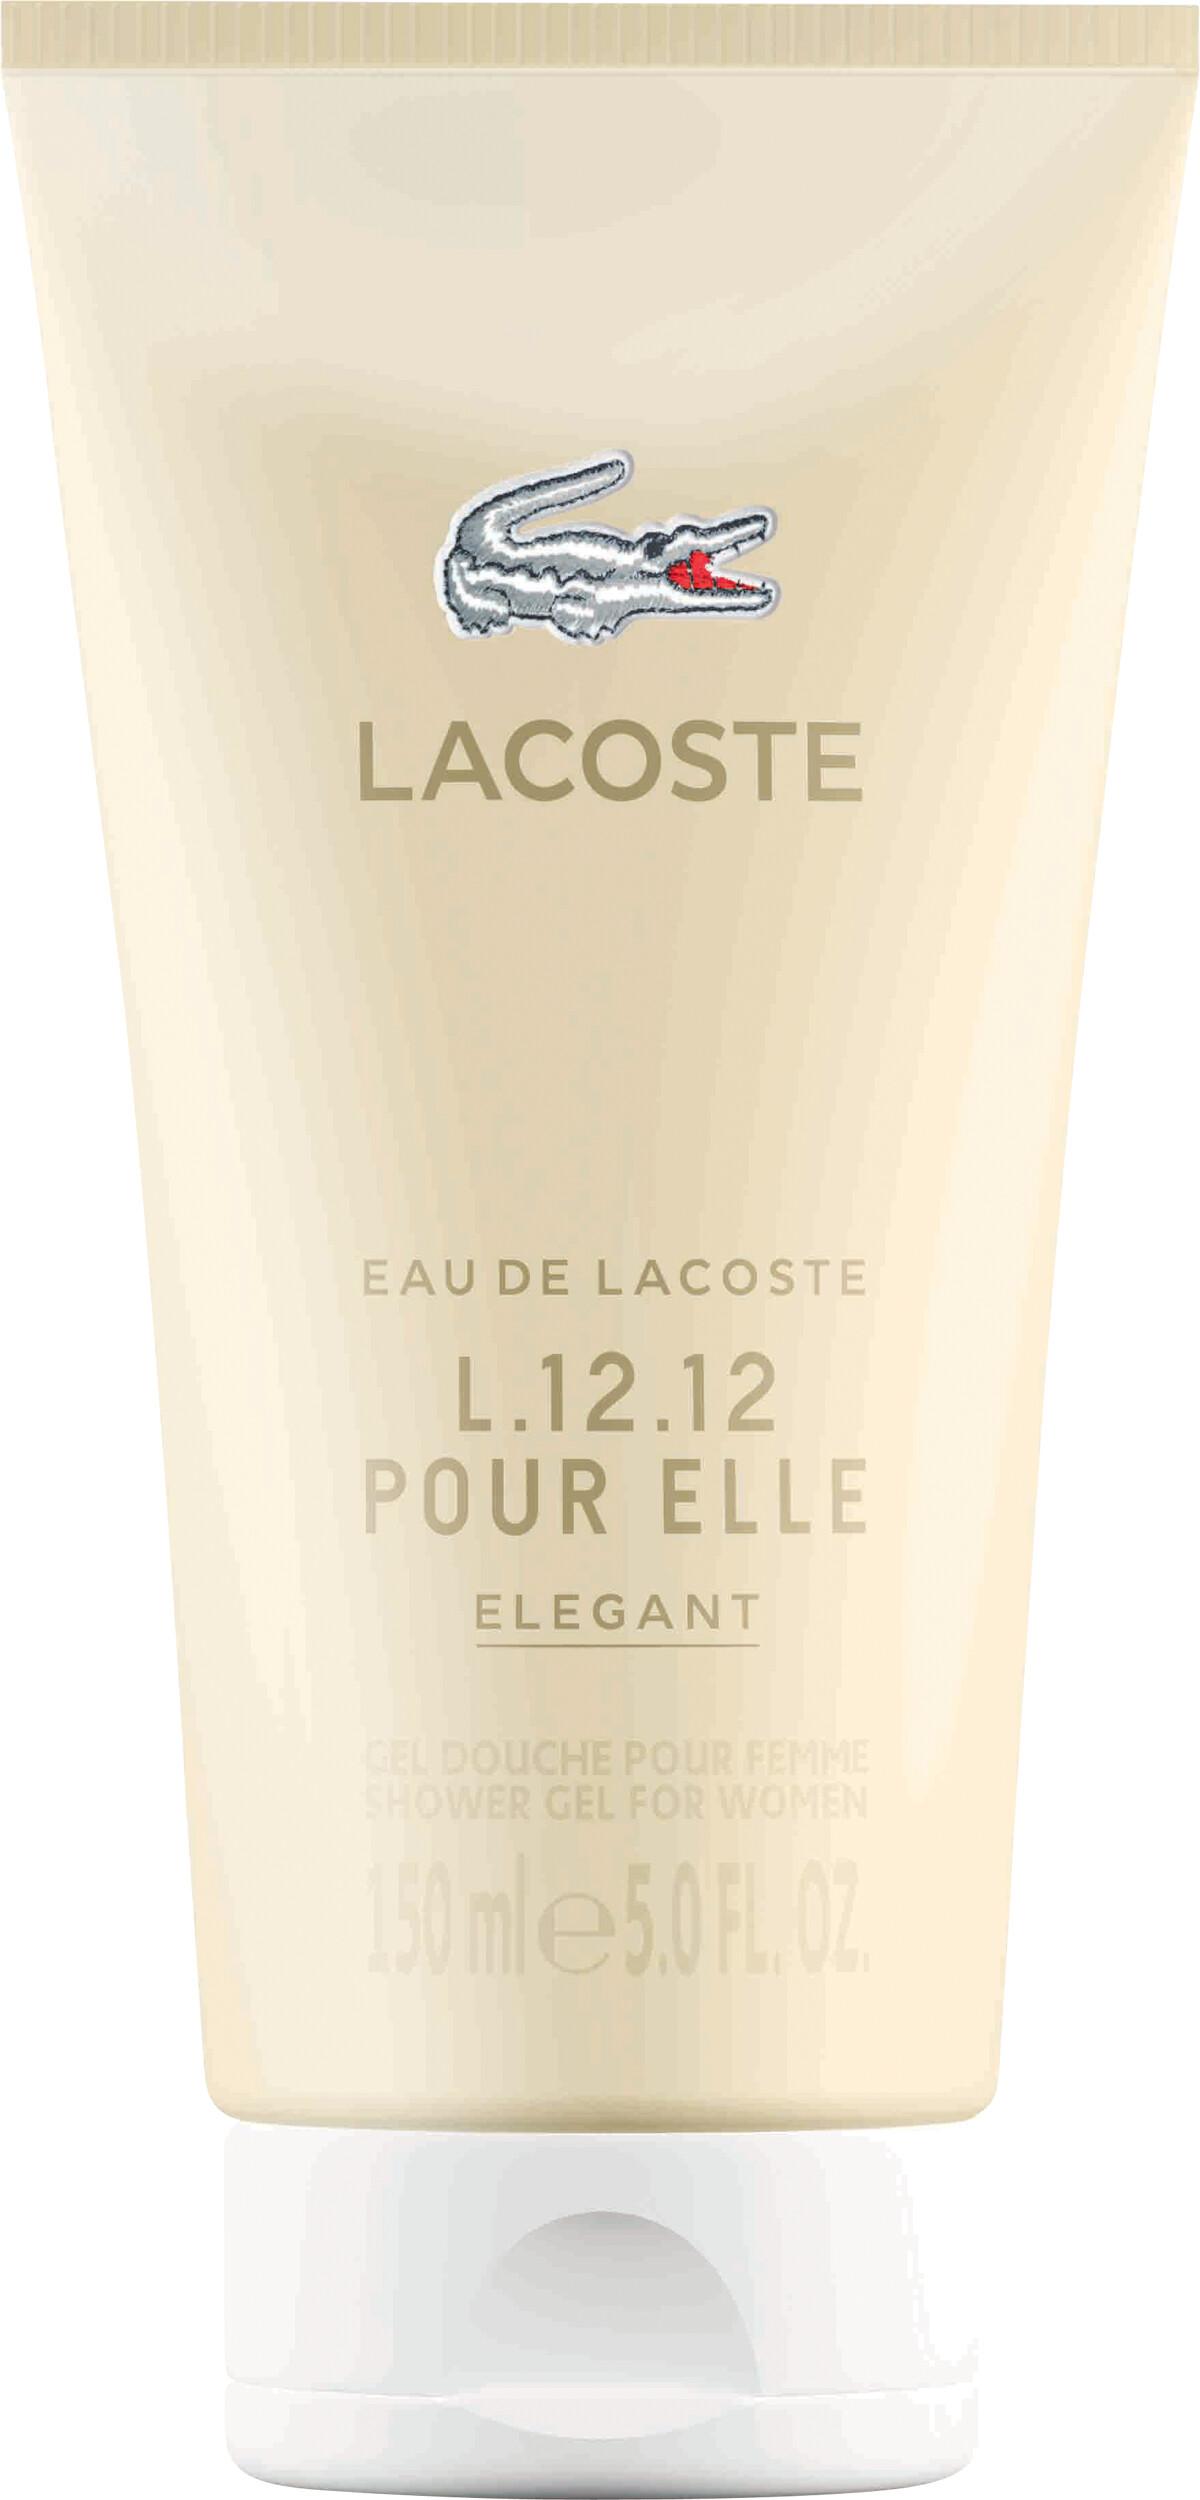 Lacoste Eau de Lacoste L.12.12 Pour Elle Elegant Shower Gel 150ml 62550c2d3d6c0